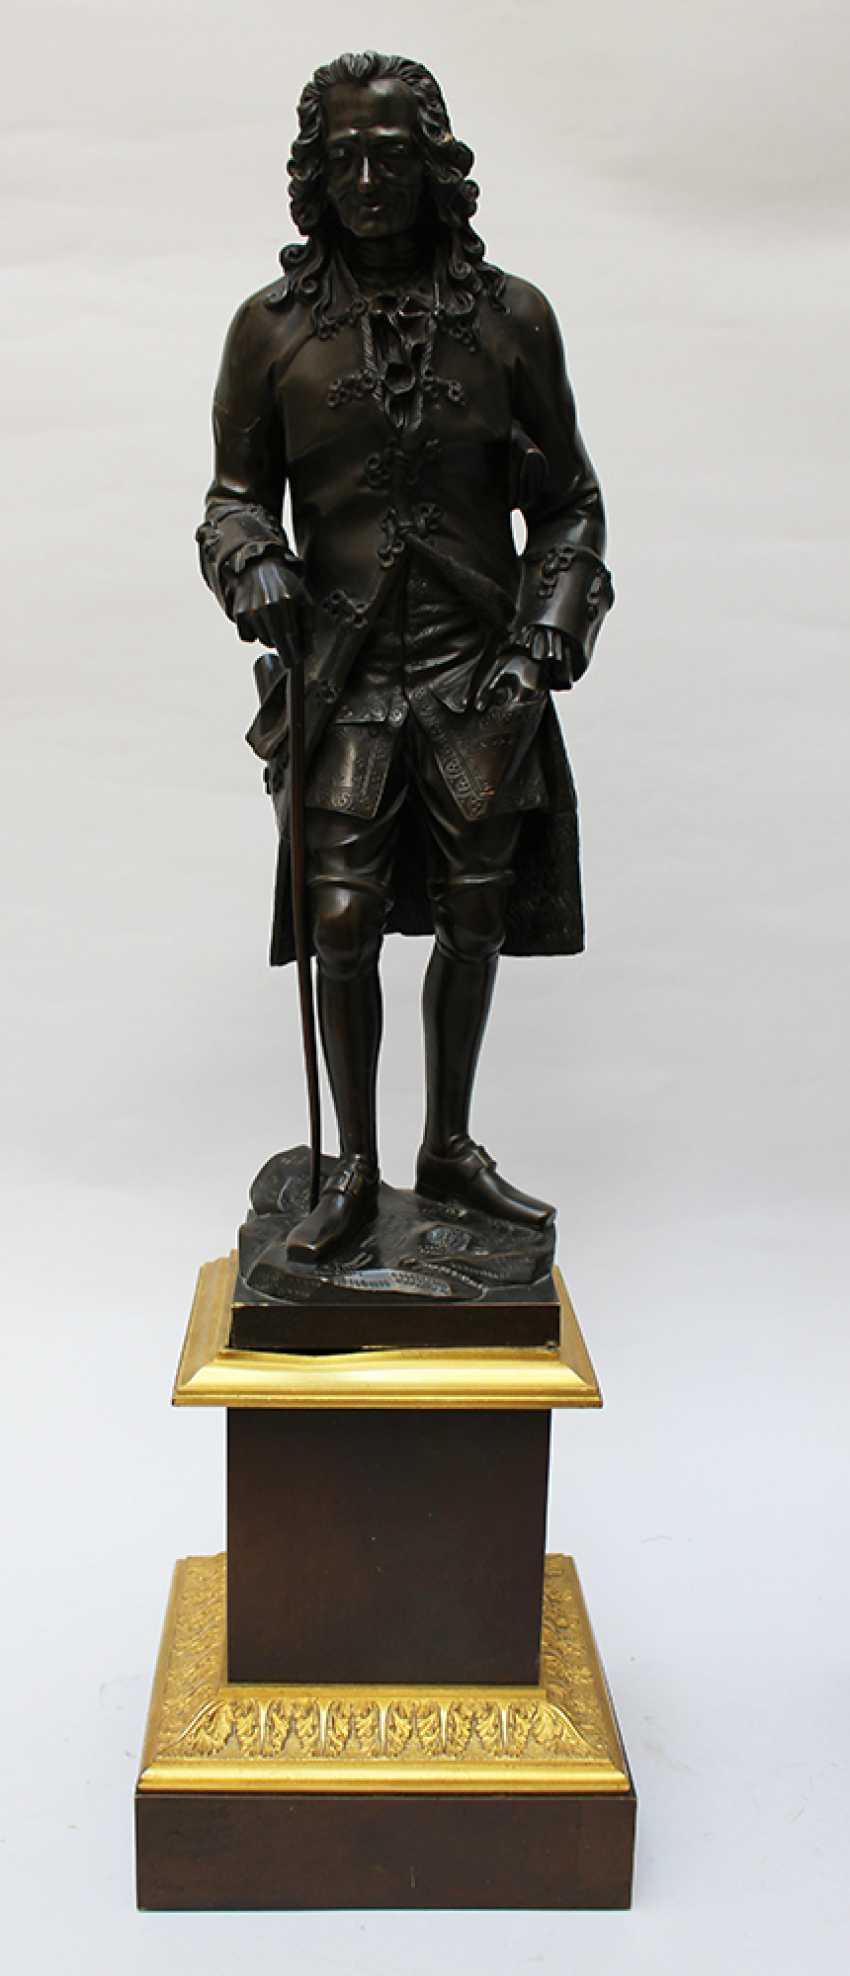 Francoise Voltaire (1694-1778), Jean Jacques Rousseau (1712 - 1778) - photo 2